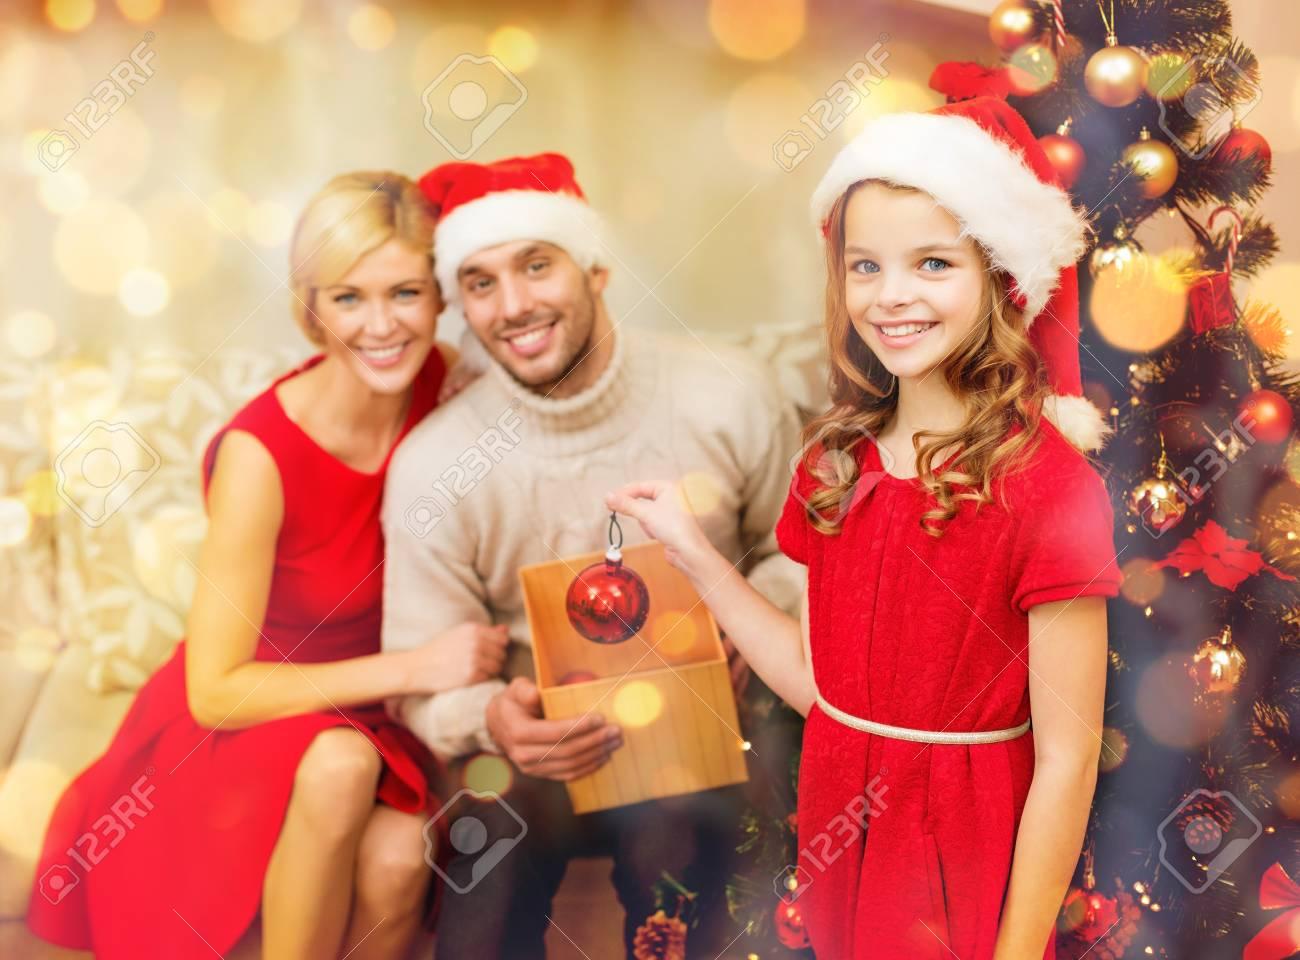 Foto Di Natale Famiglia.Concetto Della Famiglia Di Natale Di Natale Di Inverno Di Felicita E Della Gente Famiglia Sorridente In Cappelli Dell Assistente Di Santa Che